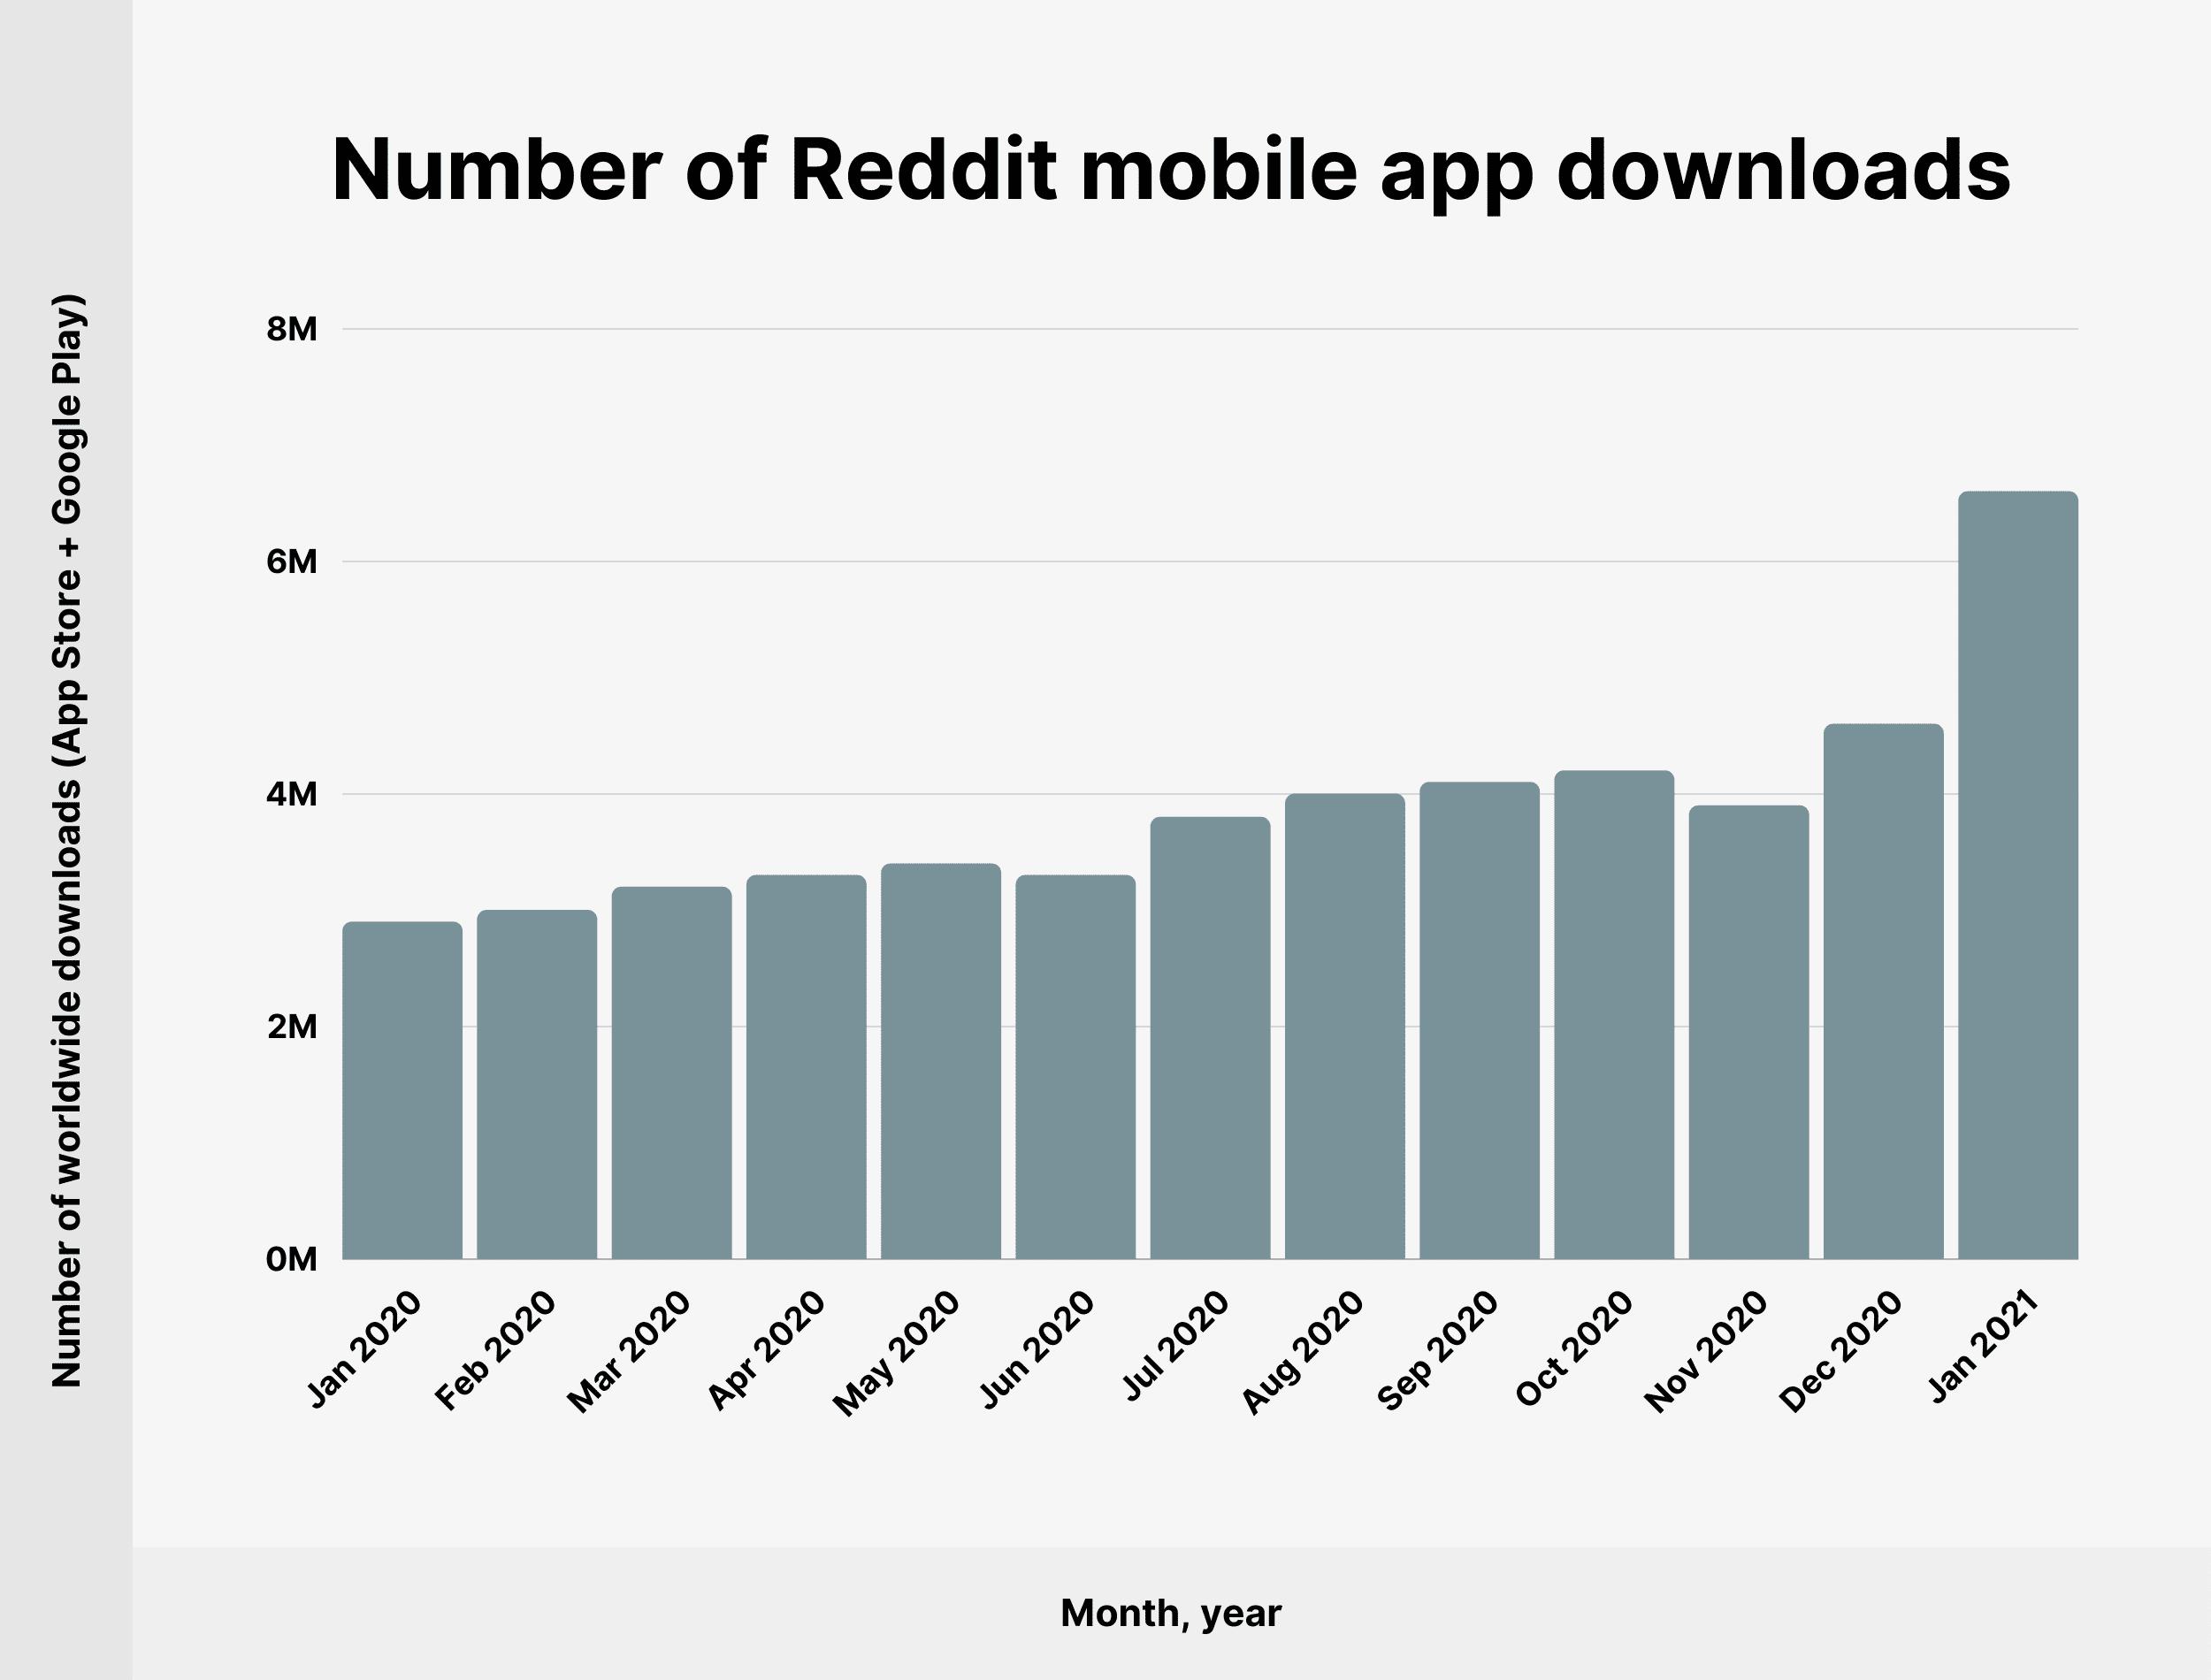 Number of Reddit mobile app downloads